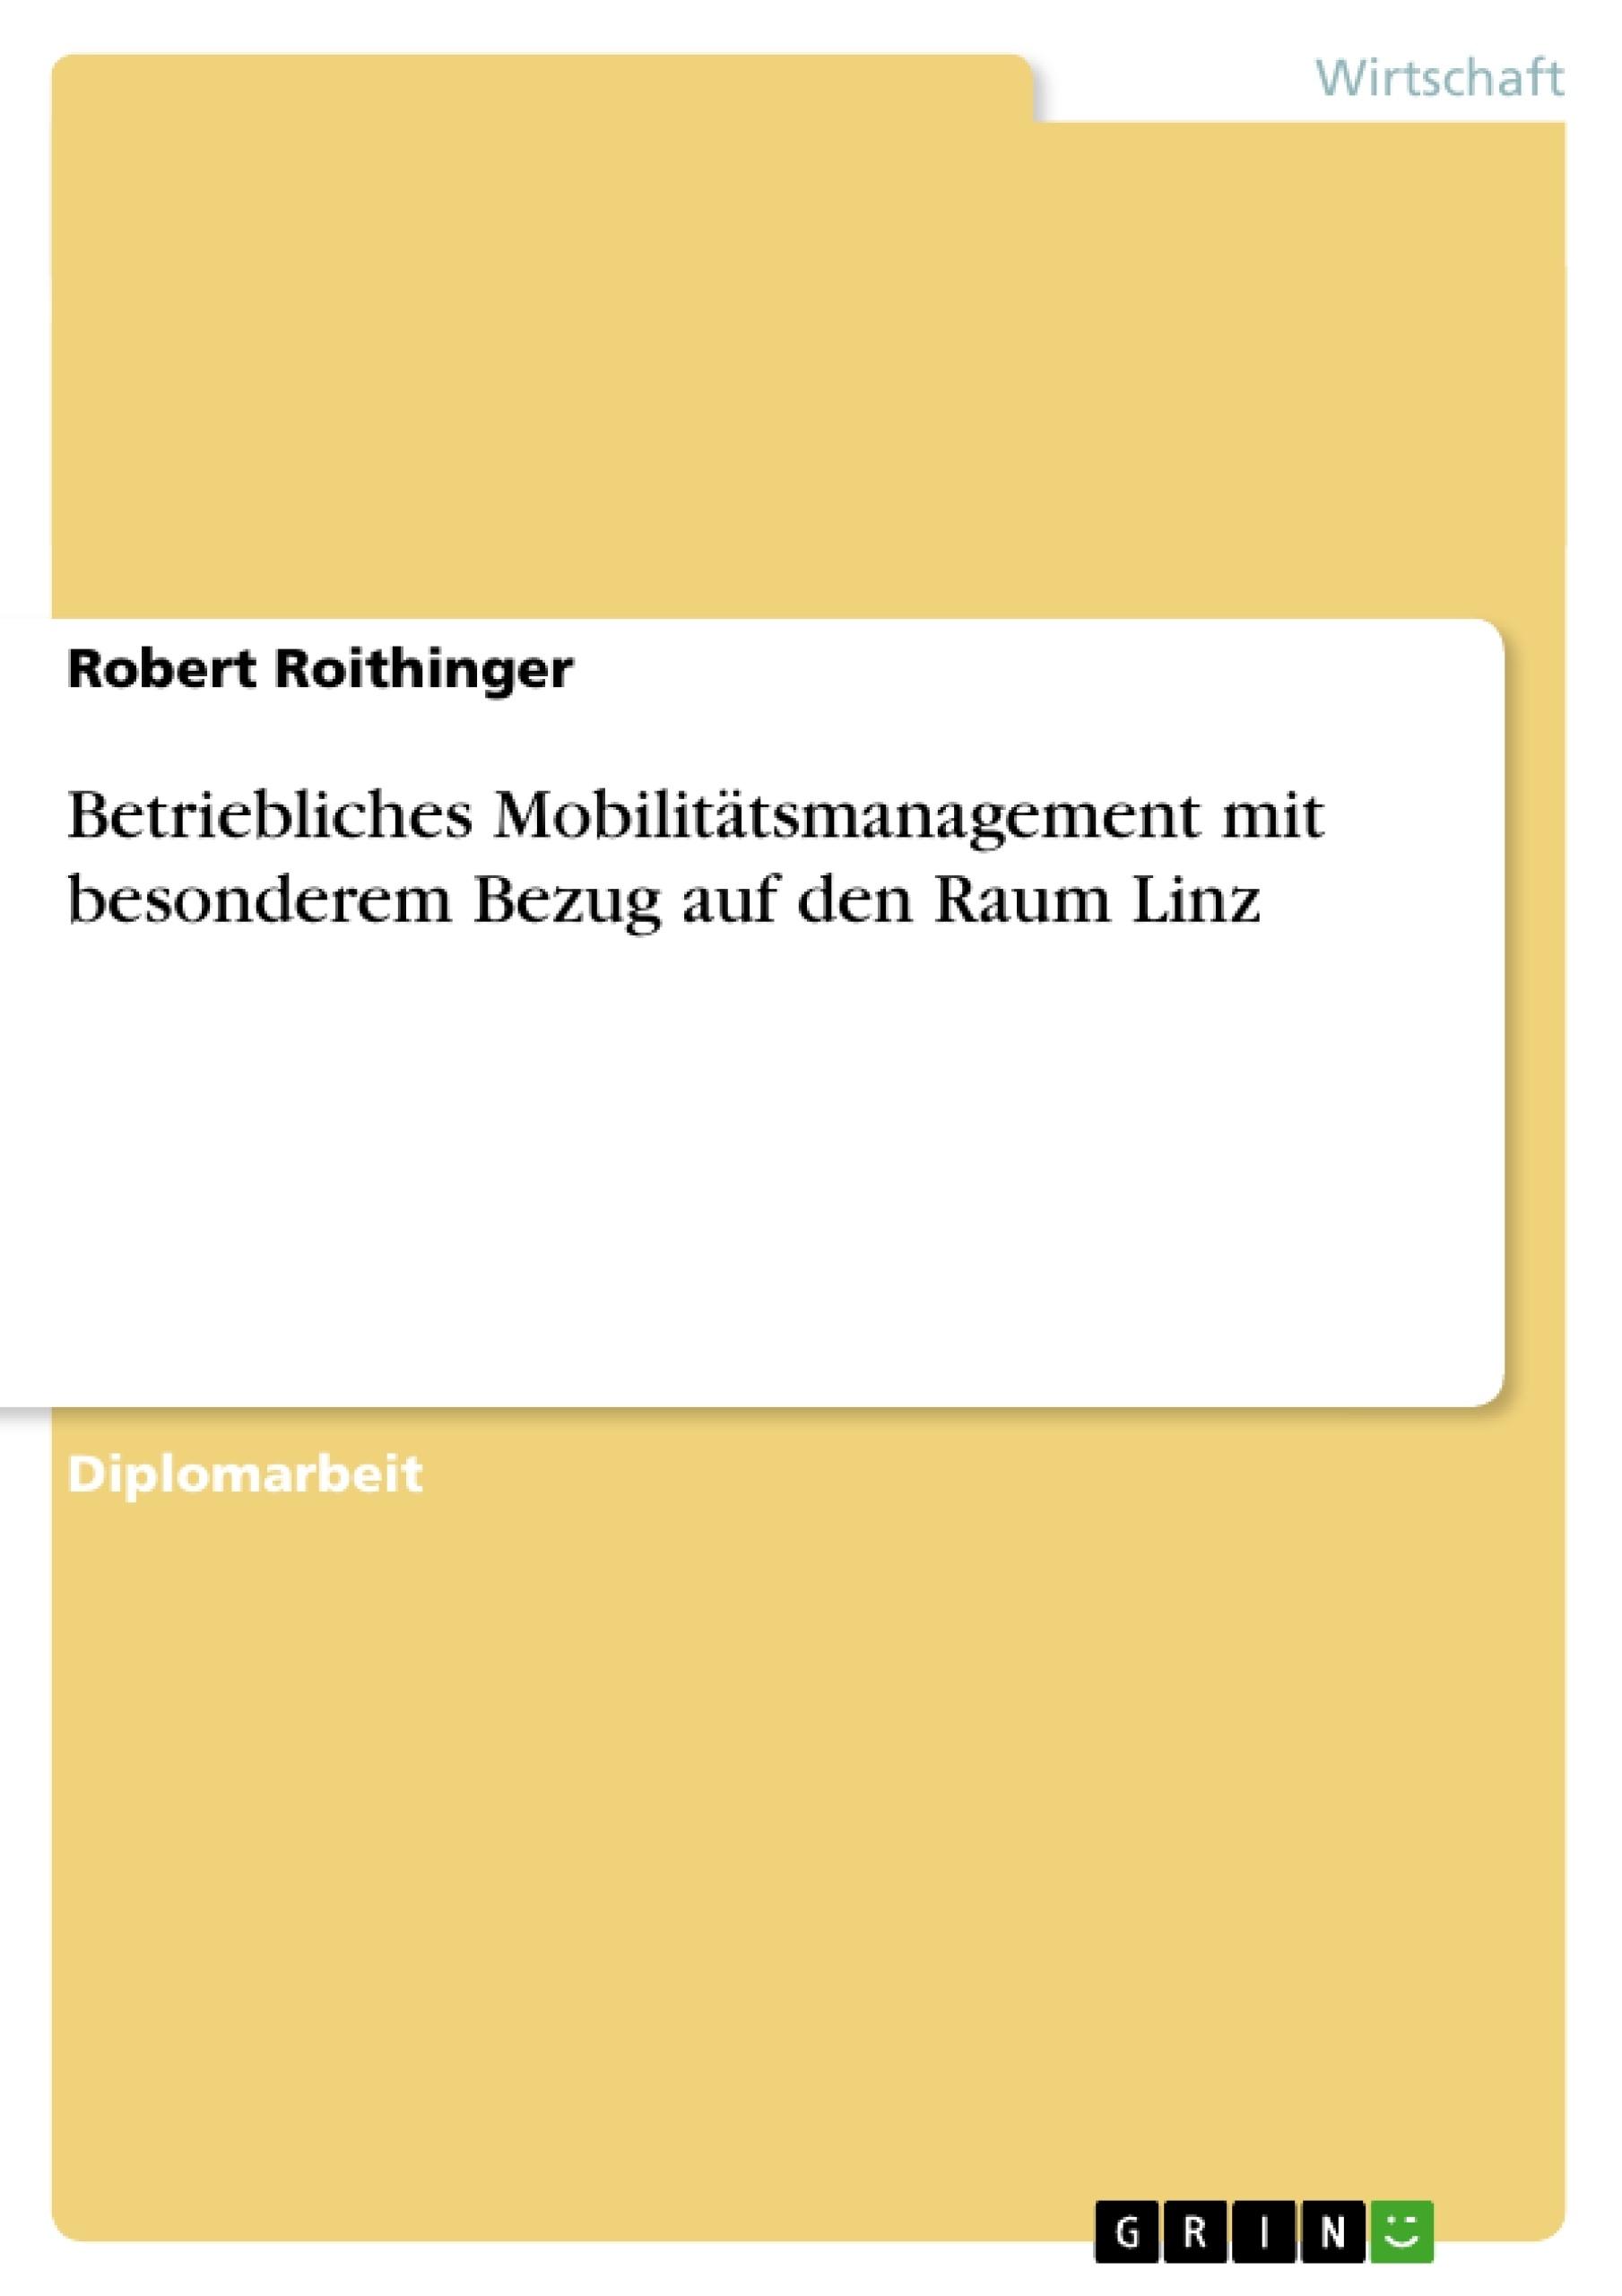 Titel: Betriebliches Mobilitätsmanagement mit besonderem Bezug auf den Raum Linz